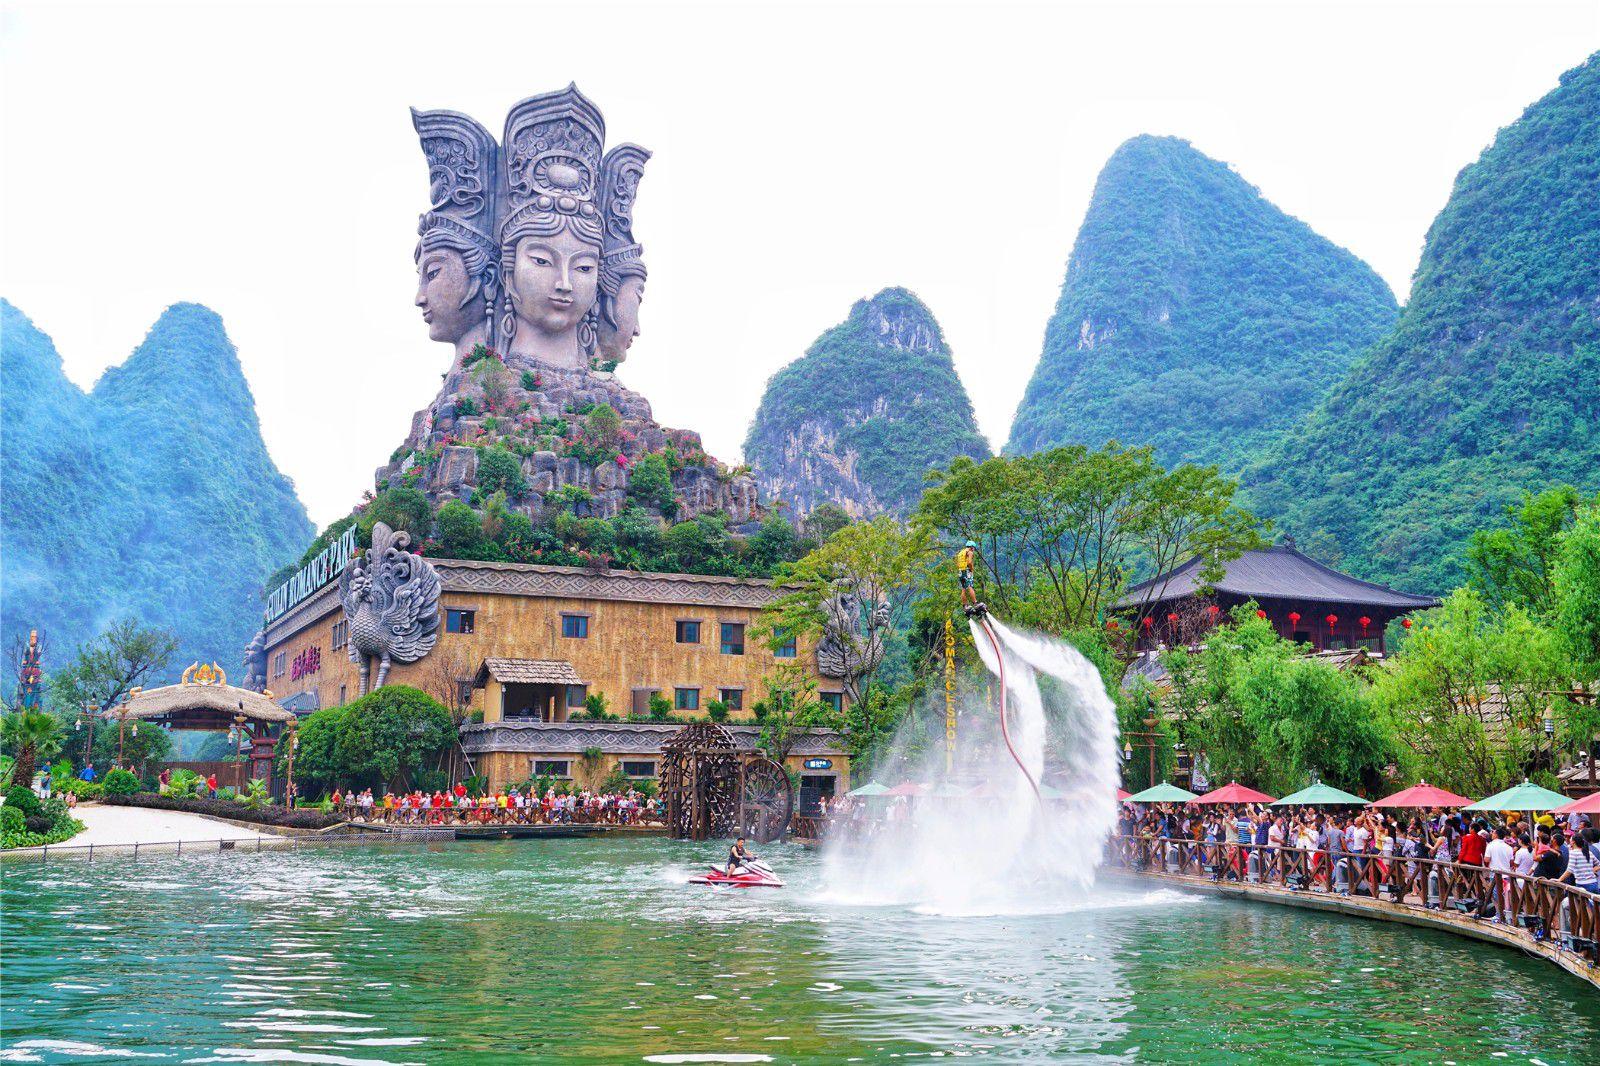 攻略平潭,住宿我心中的刘三姐桂林市中心寻找山水图片